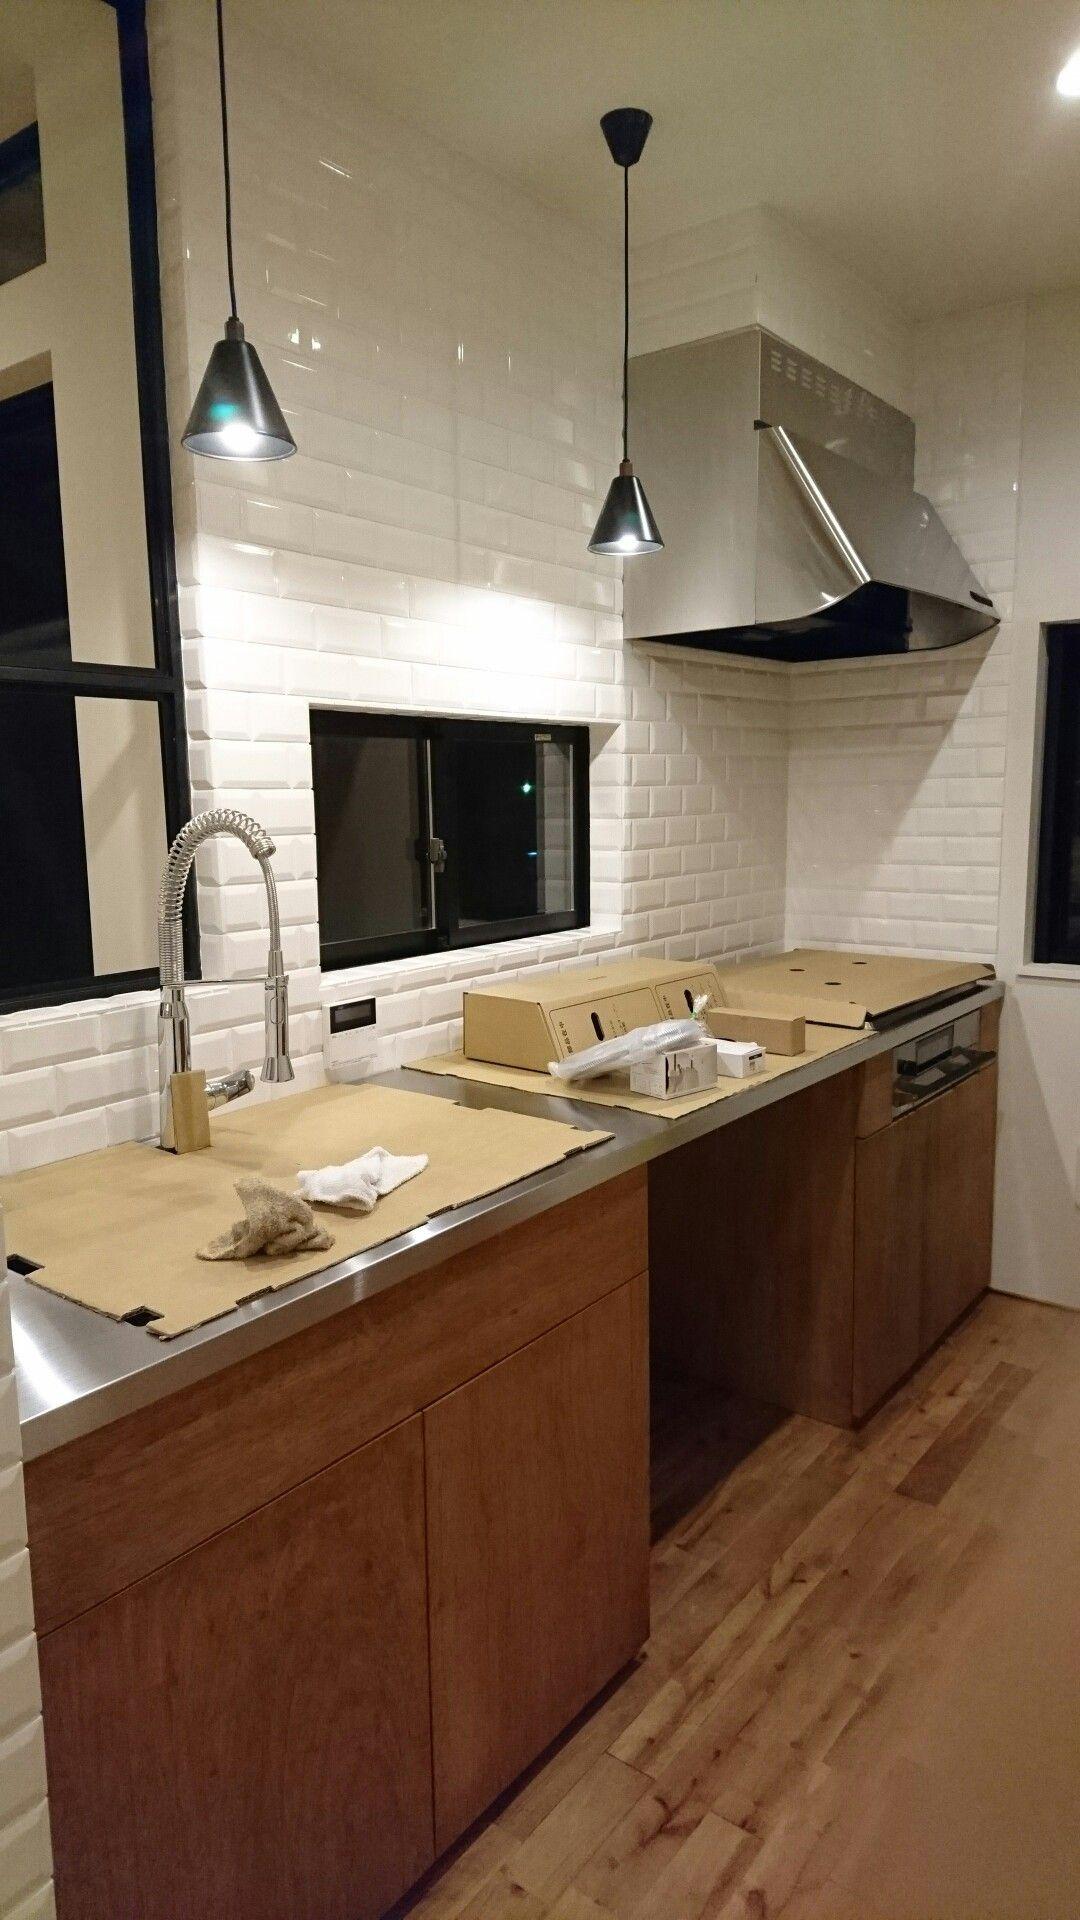 キッチン タイル貼り ステンレス天板 キッチン タイル 貼り 家